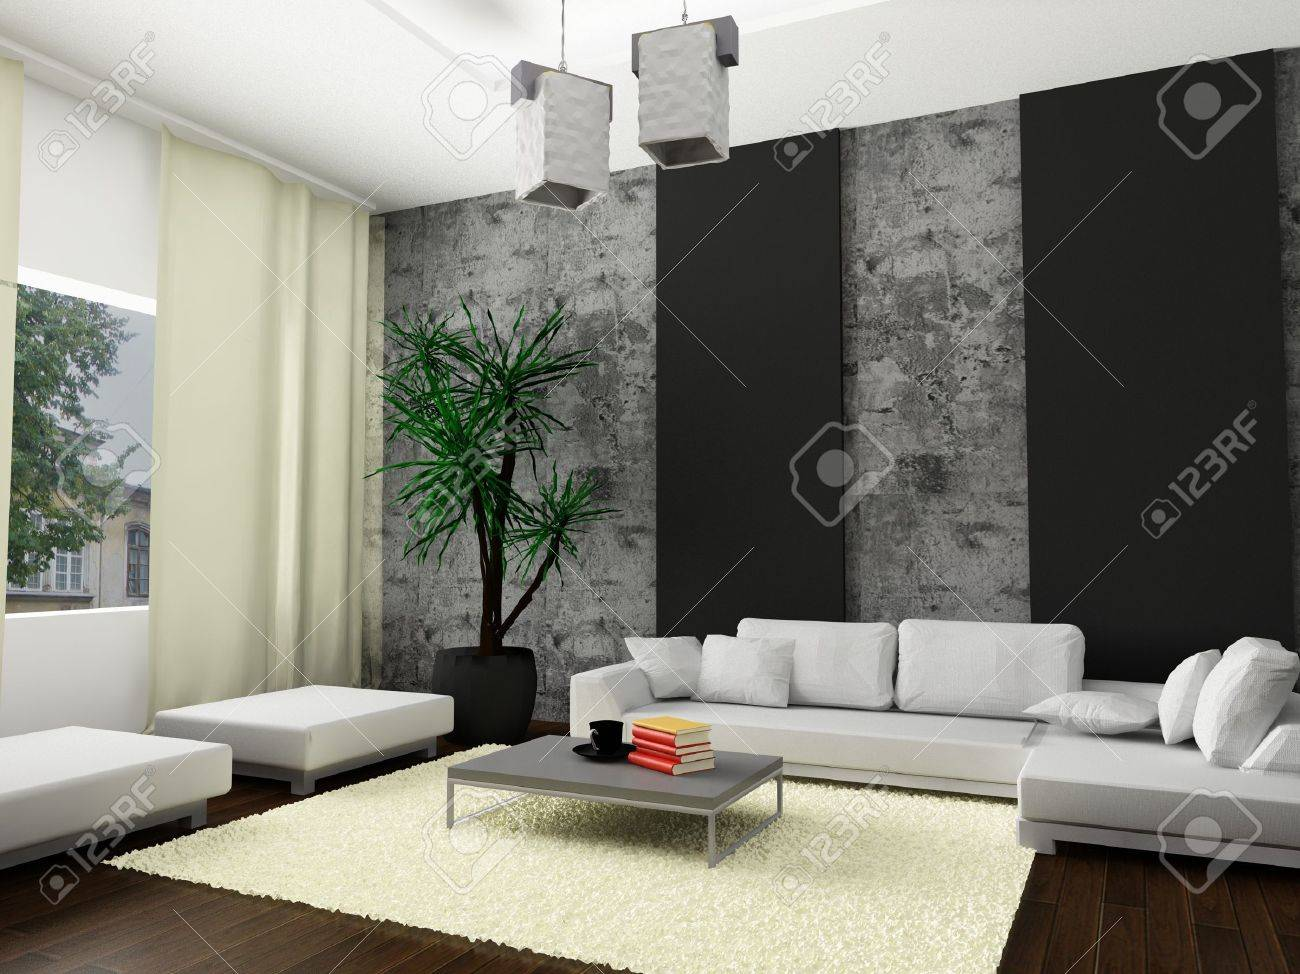 A 3d render of a modern interior. - 5671180